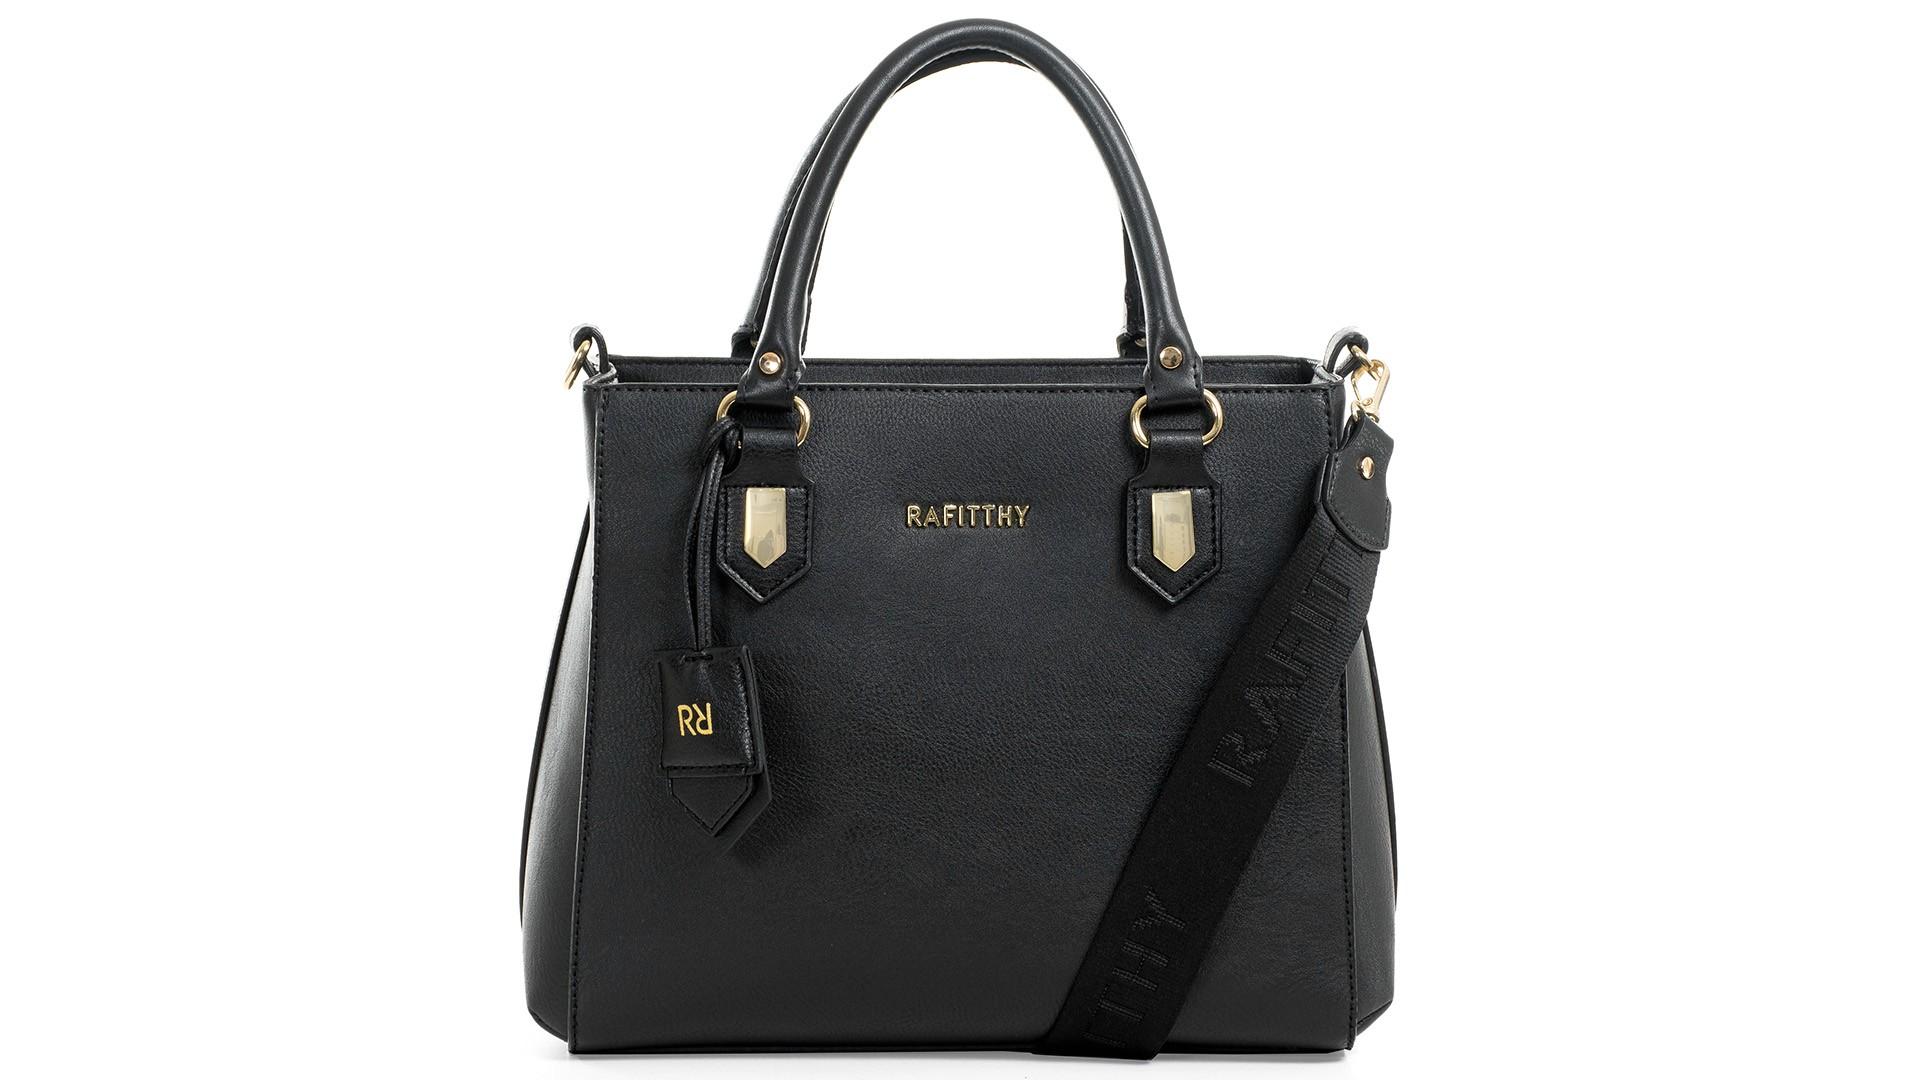 Bolsa Feminina Rafitthy 28 02206A3